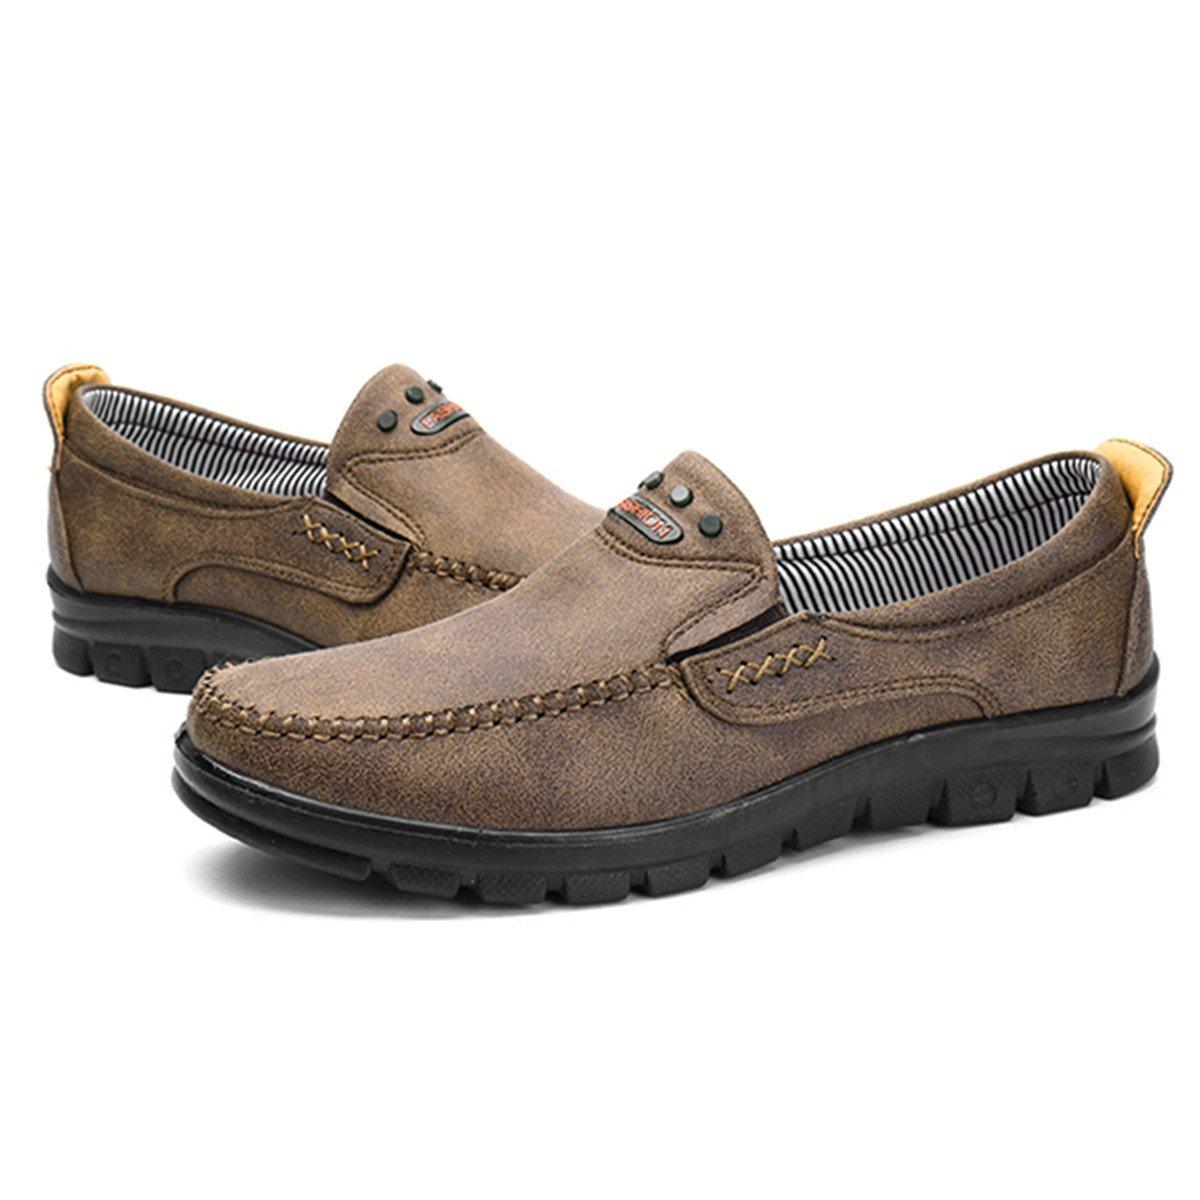 Gracosy Herren beiläufige Slip-on Müßiggänger Schuhe, Lether Flache Freizeitschuhe Müßiggänger Slip-on Beiläufige gehende Fahrschuhe Rutschfeste Passende Turnschuhe Komfort Leichte Müßiggänger Büro Stiefel Sneakers Grün 464de8